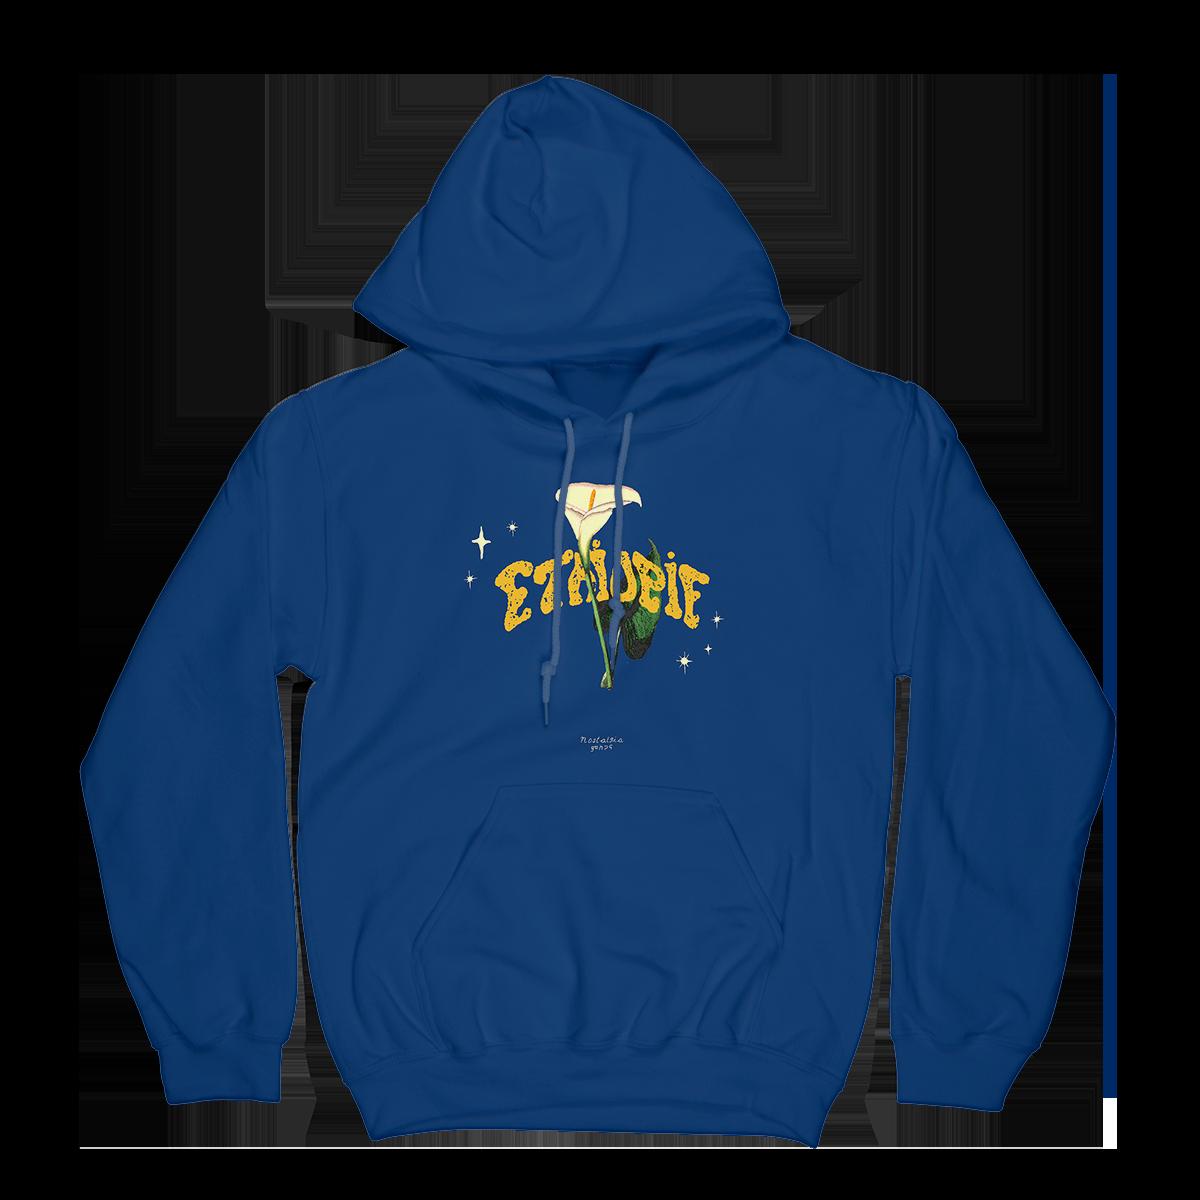 nostalgia hoodie